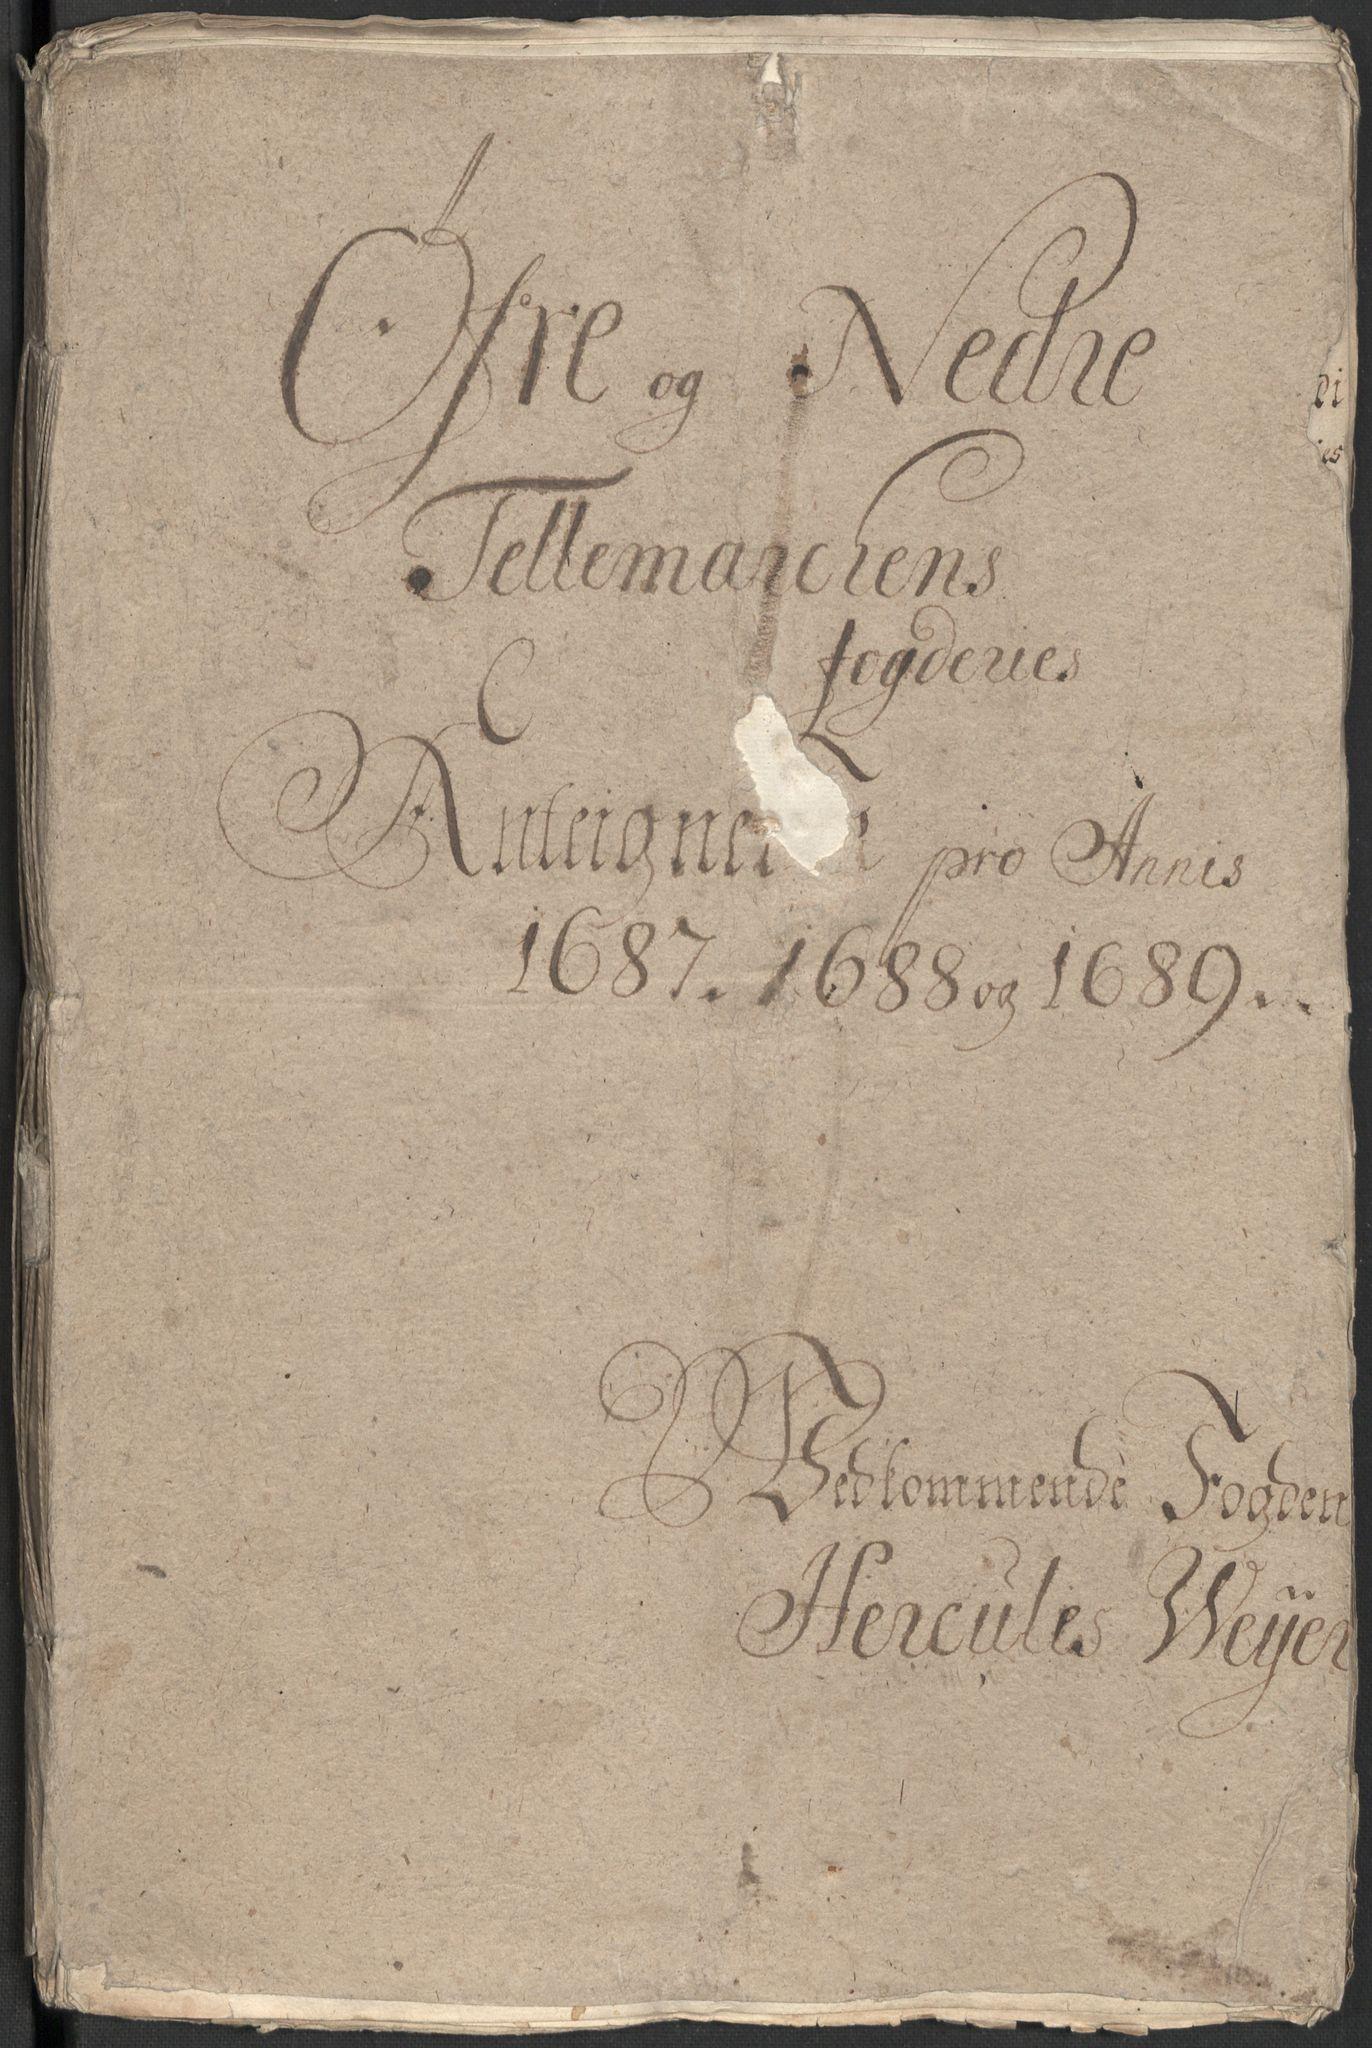 RA, Rentekammeret inntil 1814, Reviderte regnskaper, Fogderegnskap, R35/L2088: Fogderegnskap Øvre og Nedre Telemark, 1687-1689, s. 175